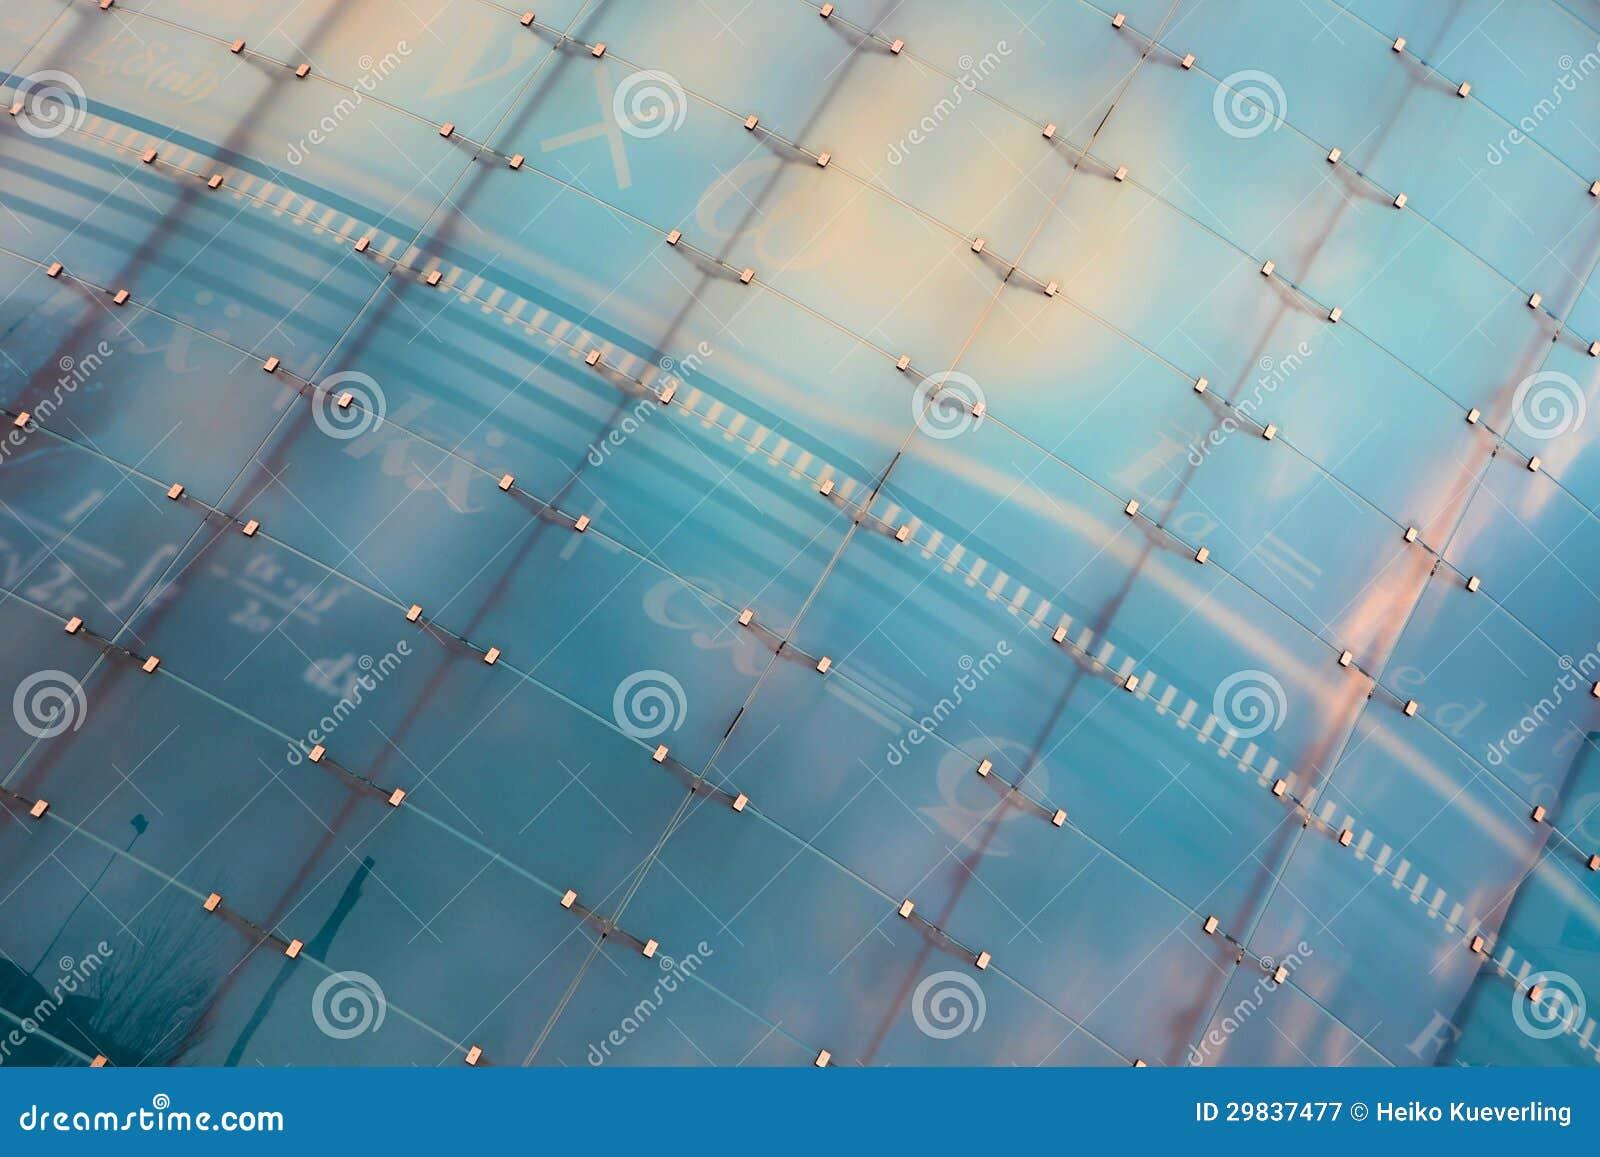 Fachada de vidro de uma construção moderna